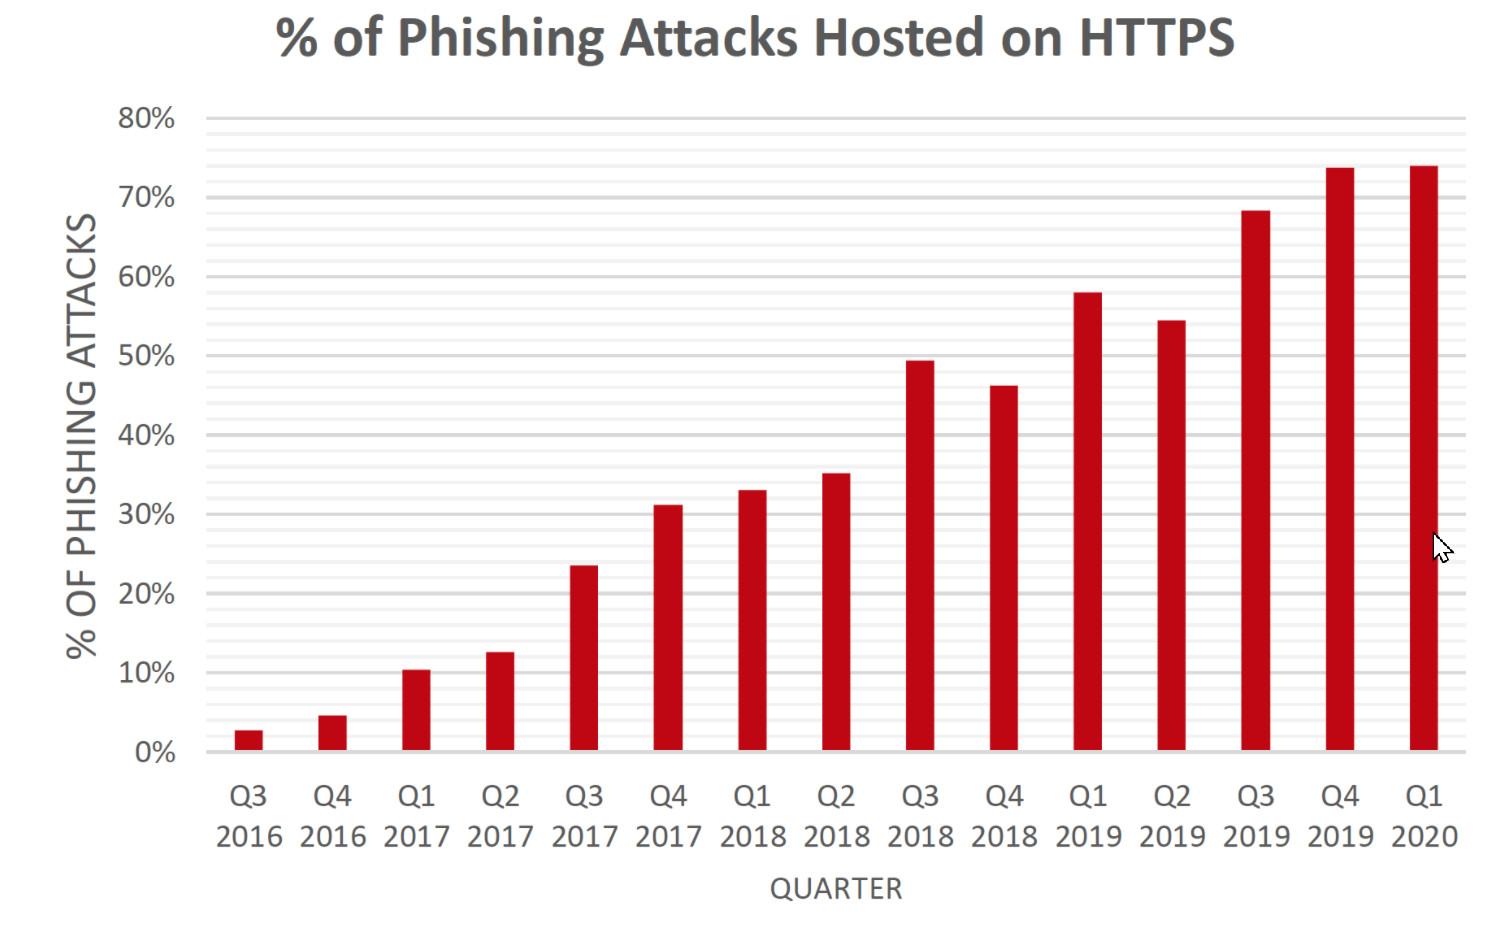 Rund drei Viertel aller Phishing-Attacken verweisen auf Seiten mit gültigem Zertifikat